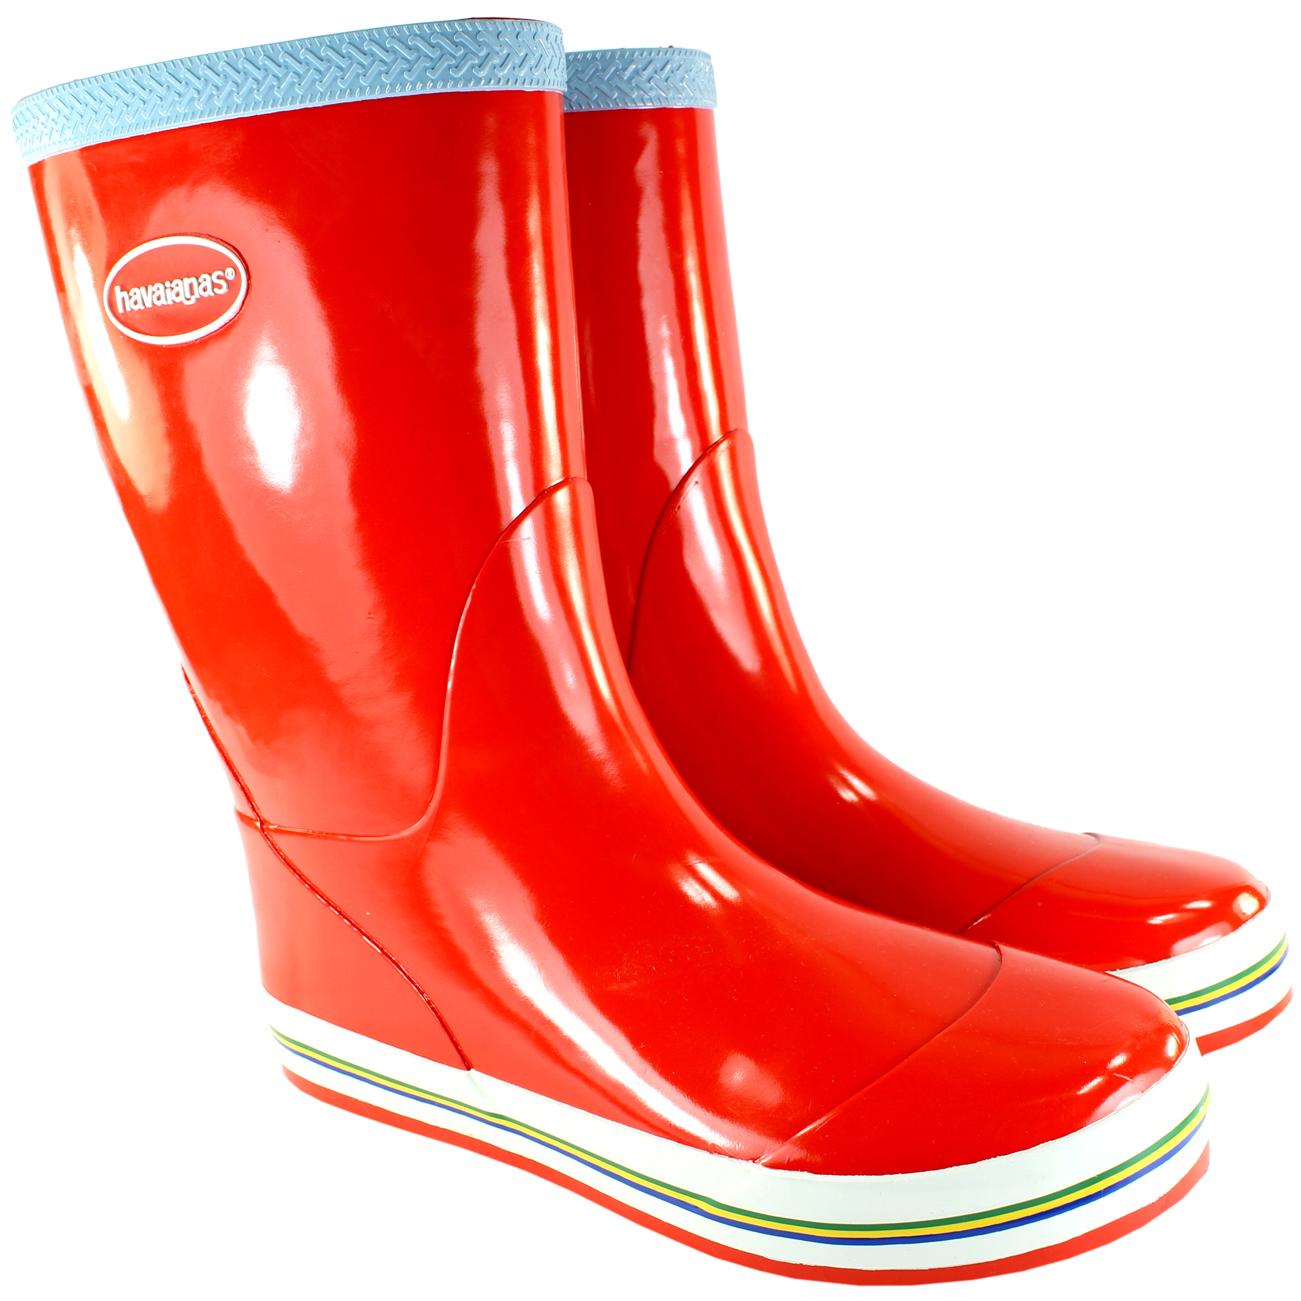 Havaianas Hav Aqua Wellington Boots